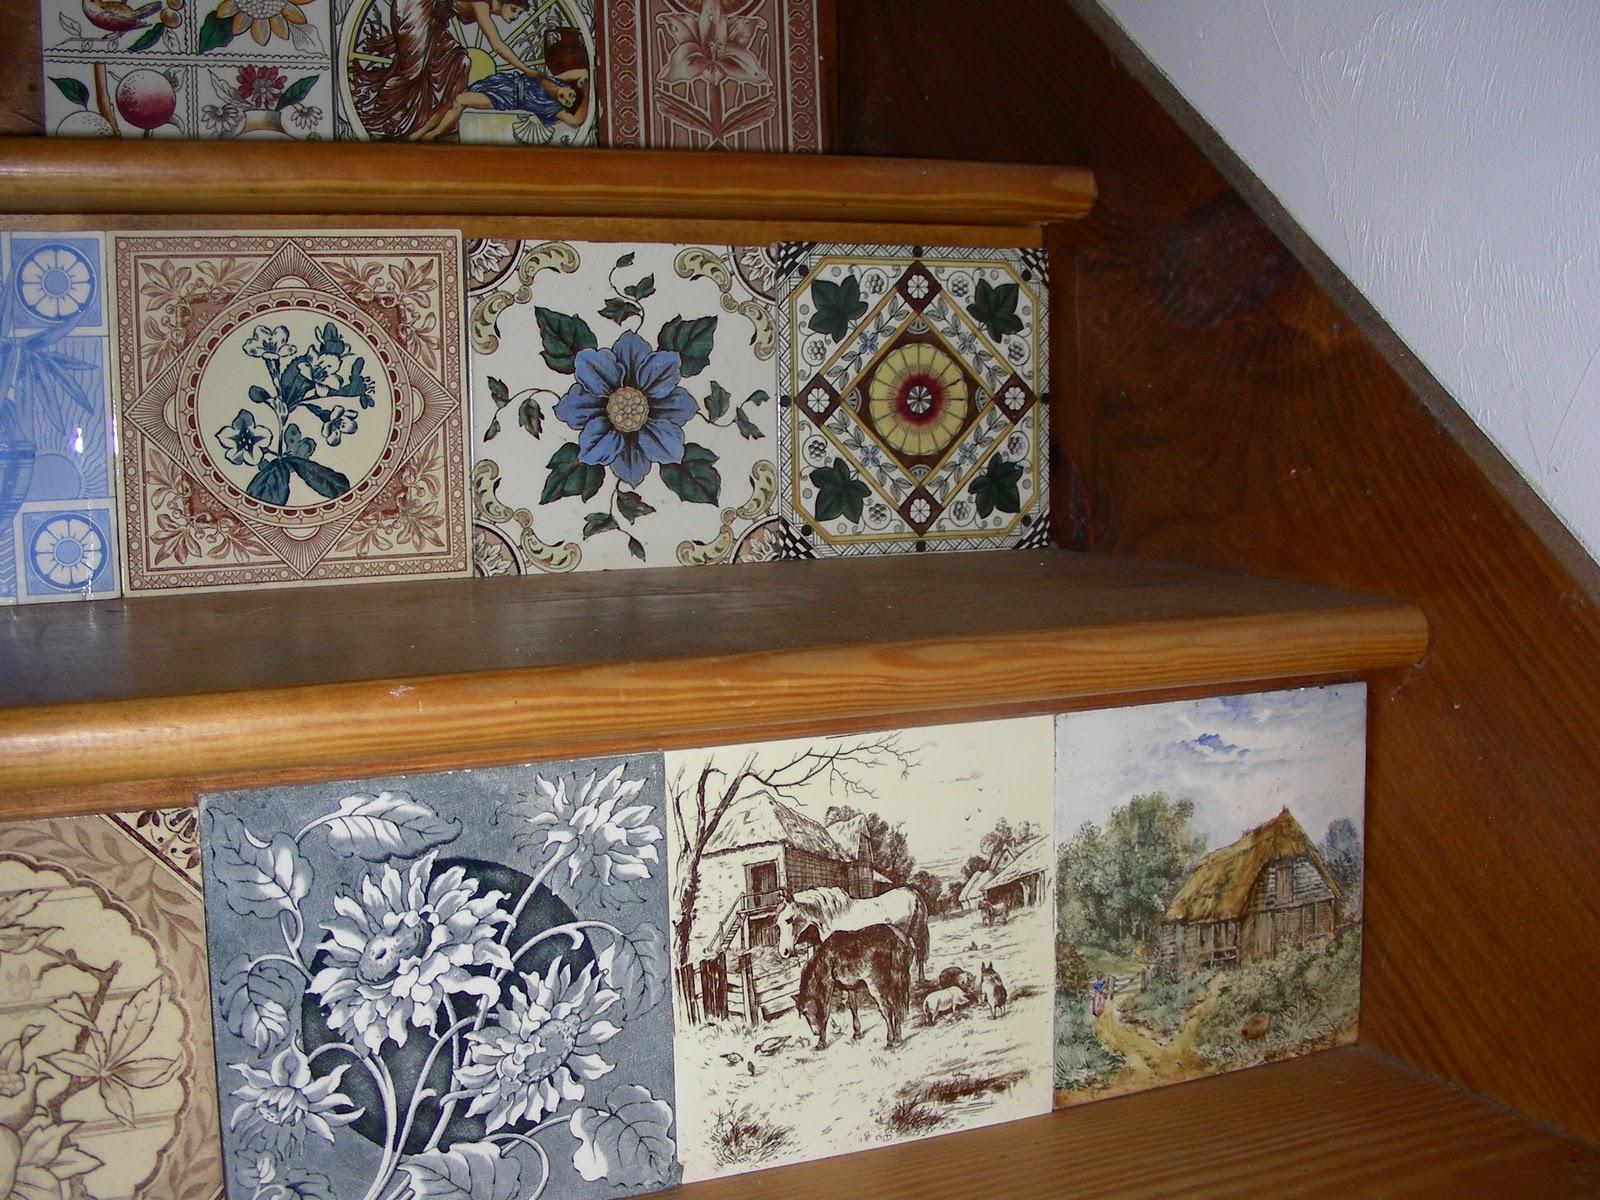 http://3.bp.blogspot.com/-xSIgrD-kwPY/UX6QsncjFeI/AAAAAAAACV0/Hzt90dBrilQ/s1600/Stair+risers+3.jpg